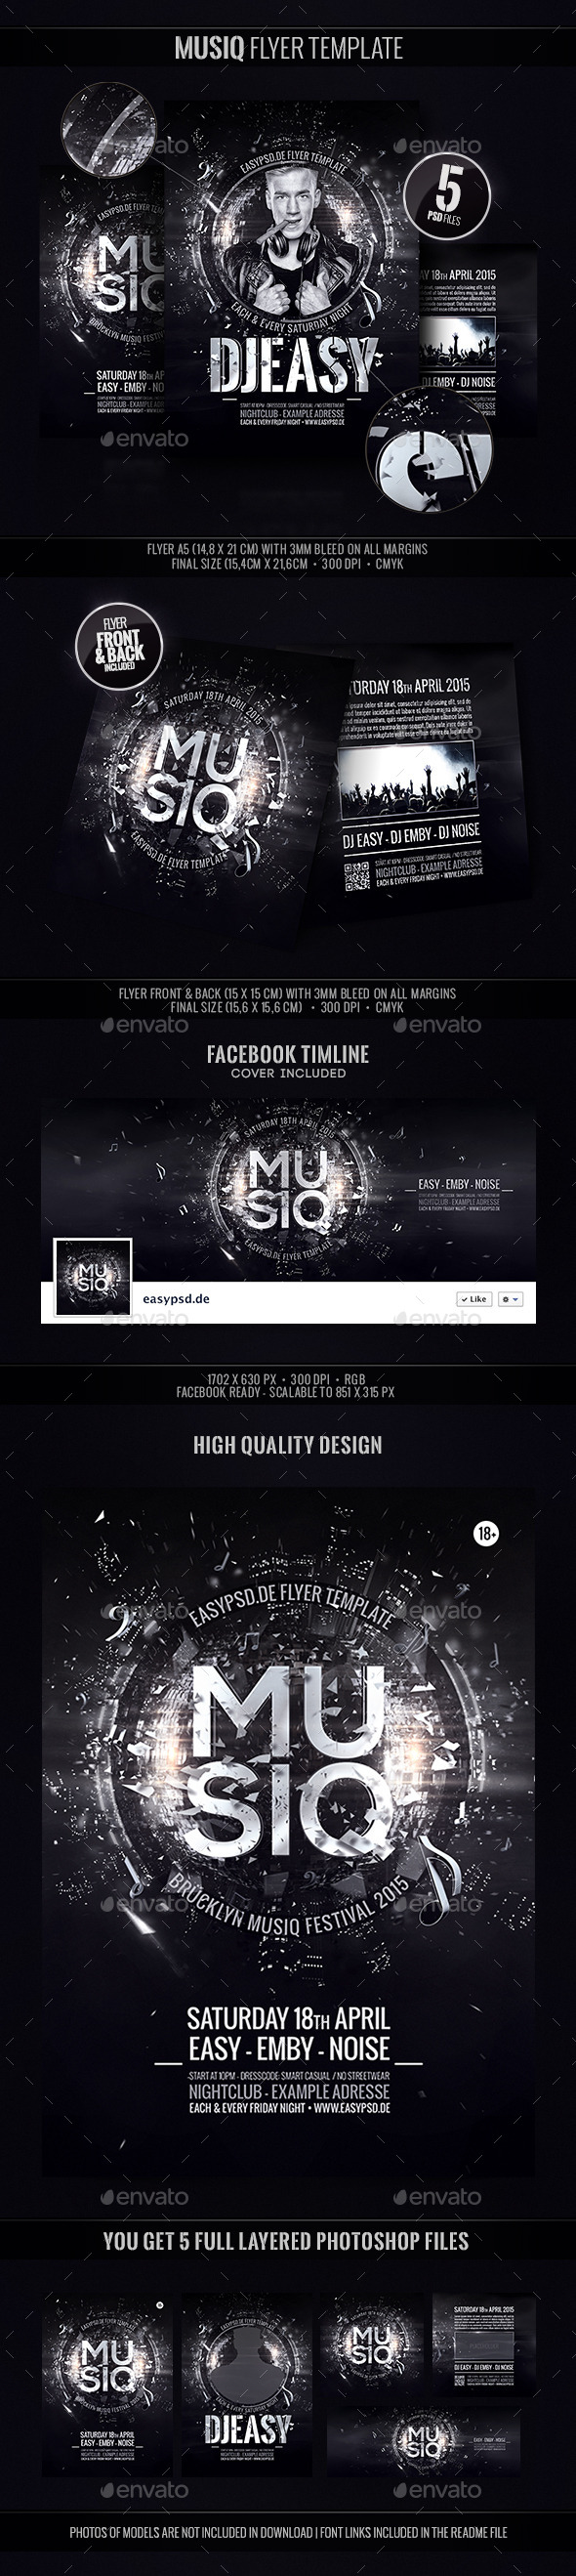 GraphicRiver Musiq Festival Template 9723236